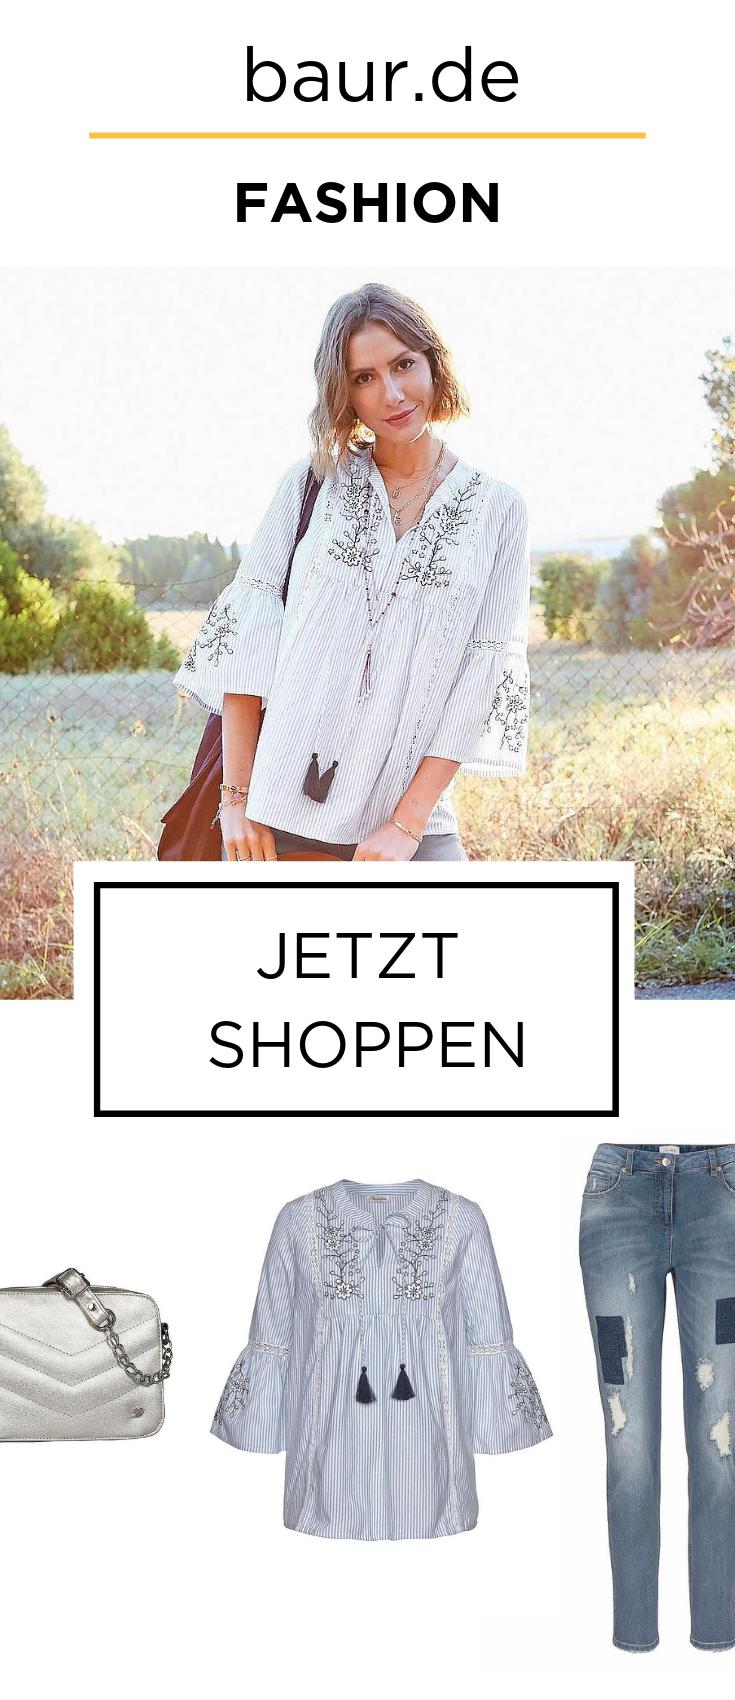 baur.de ist dein Onlineshop für Fashion, Home und ...